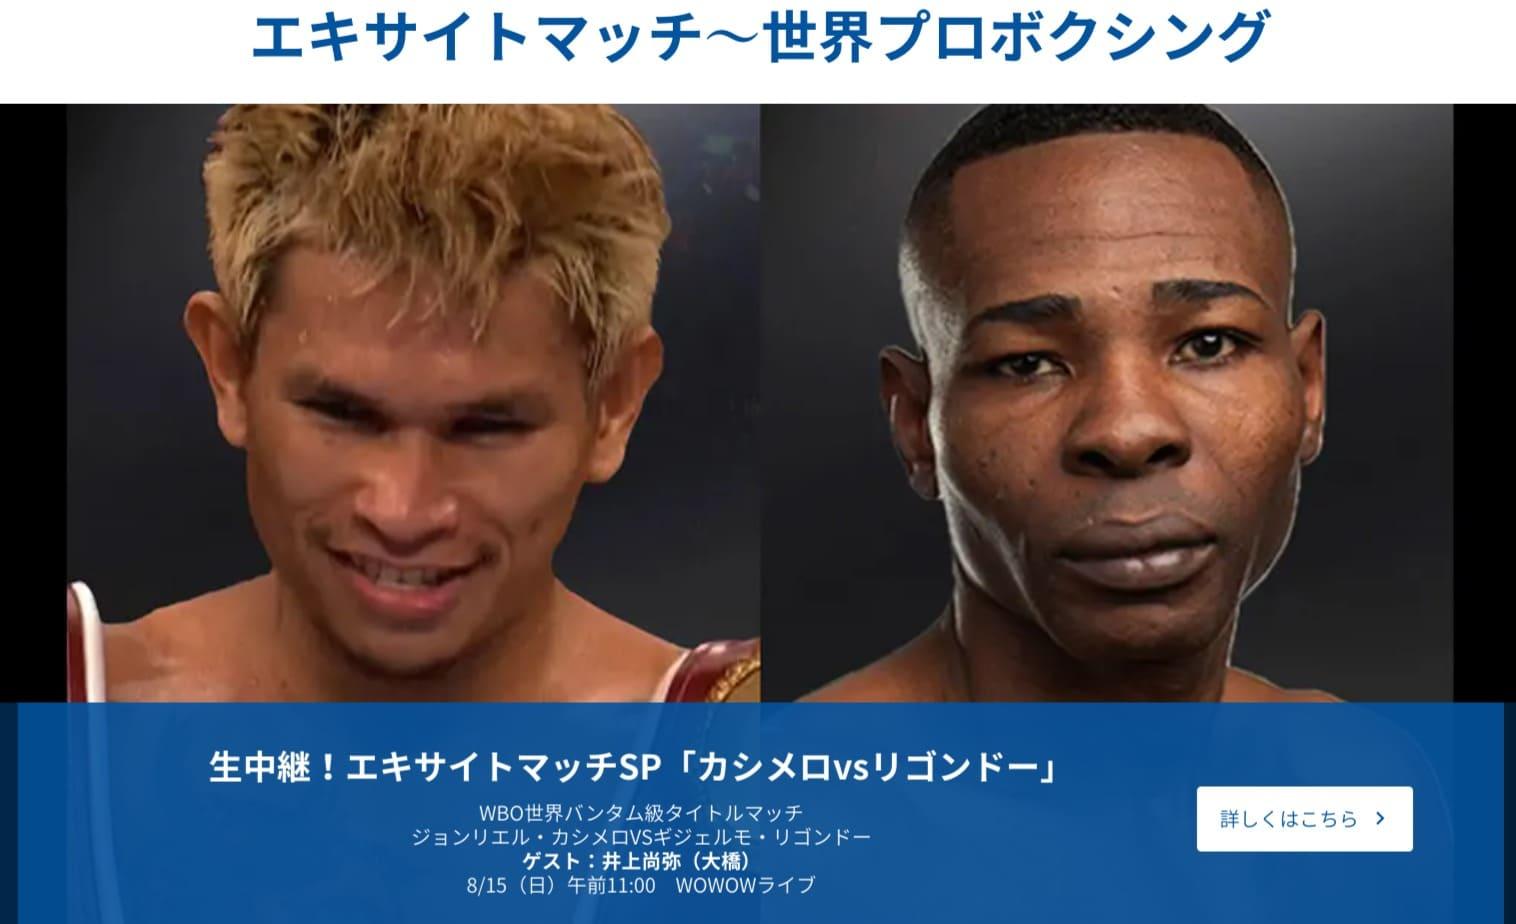 WOWOW_エキサイトマッチ_世界プロボクシング_カシメロ・リゴンドー